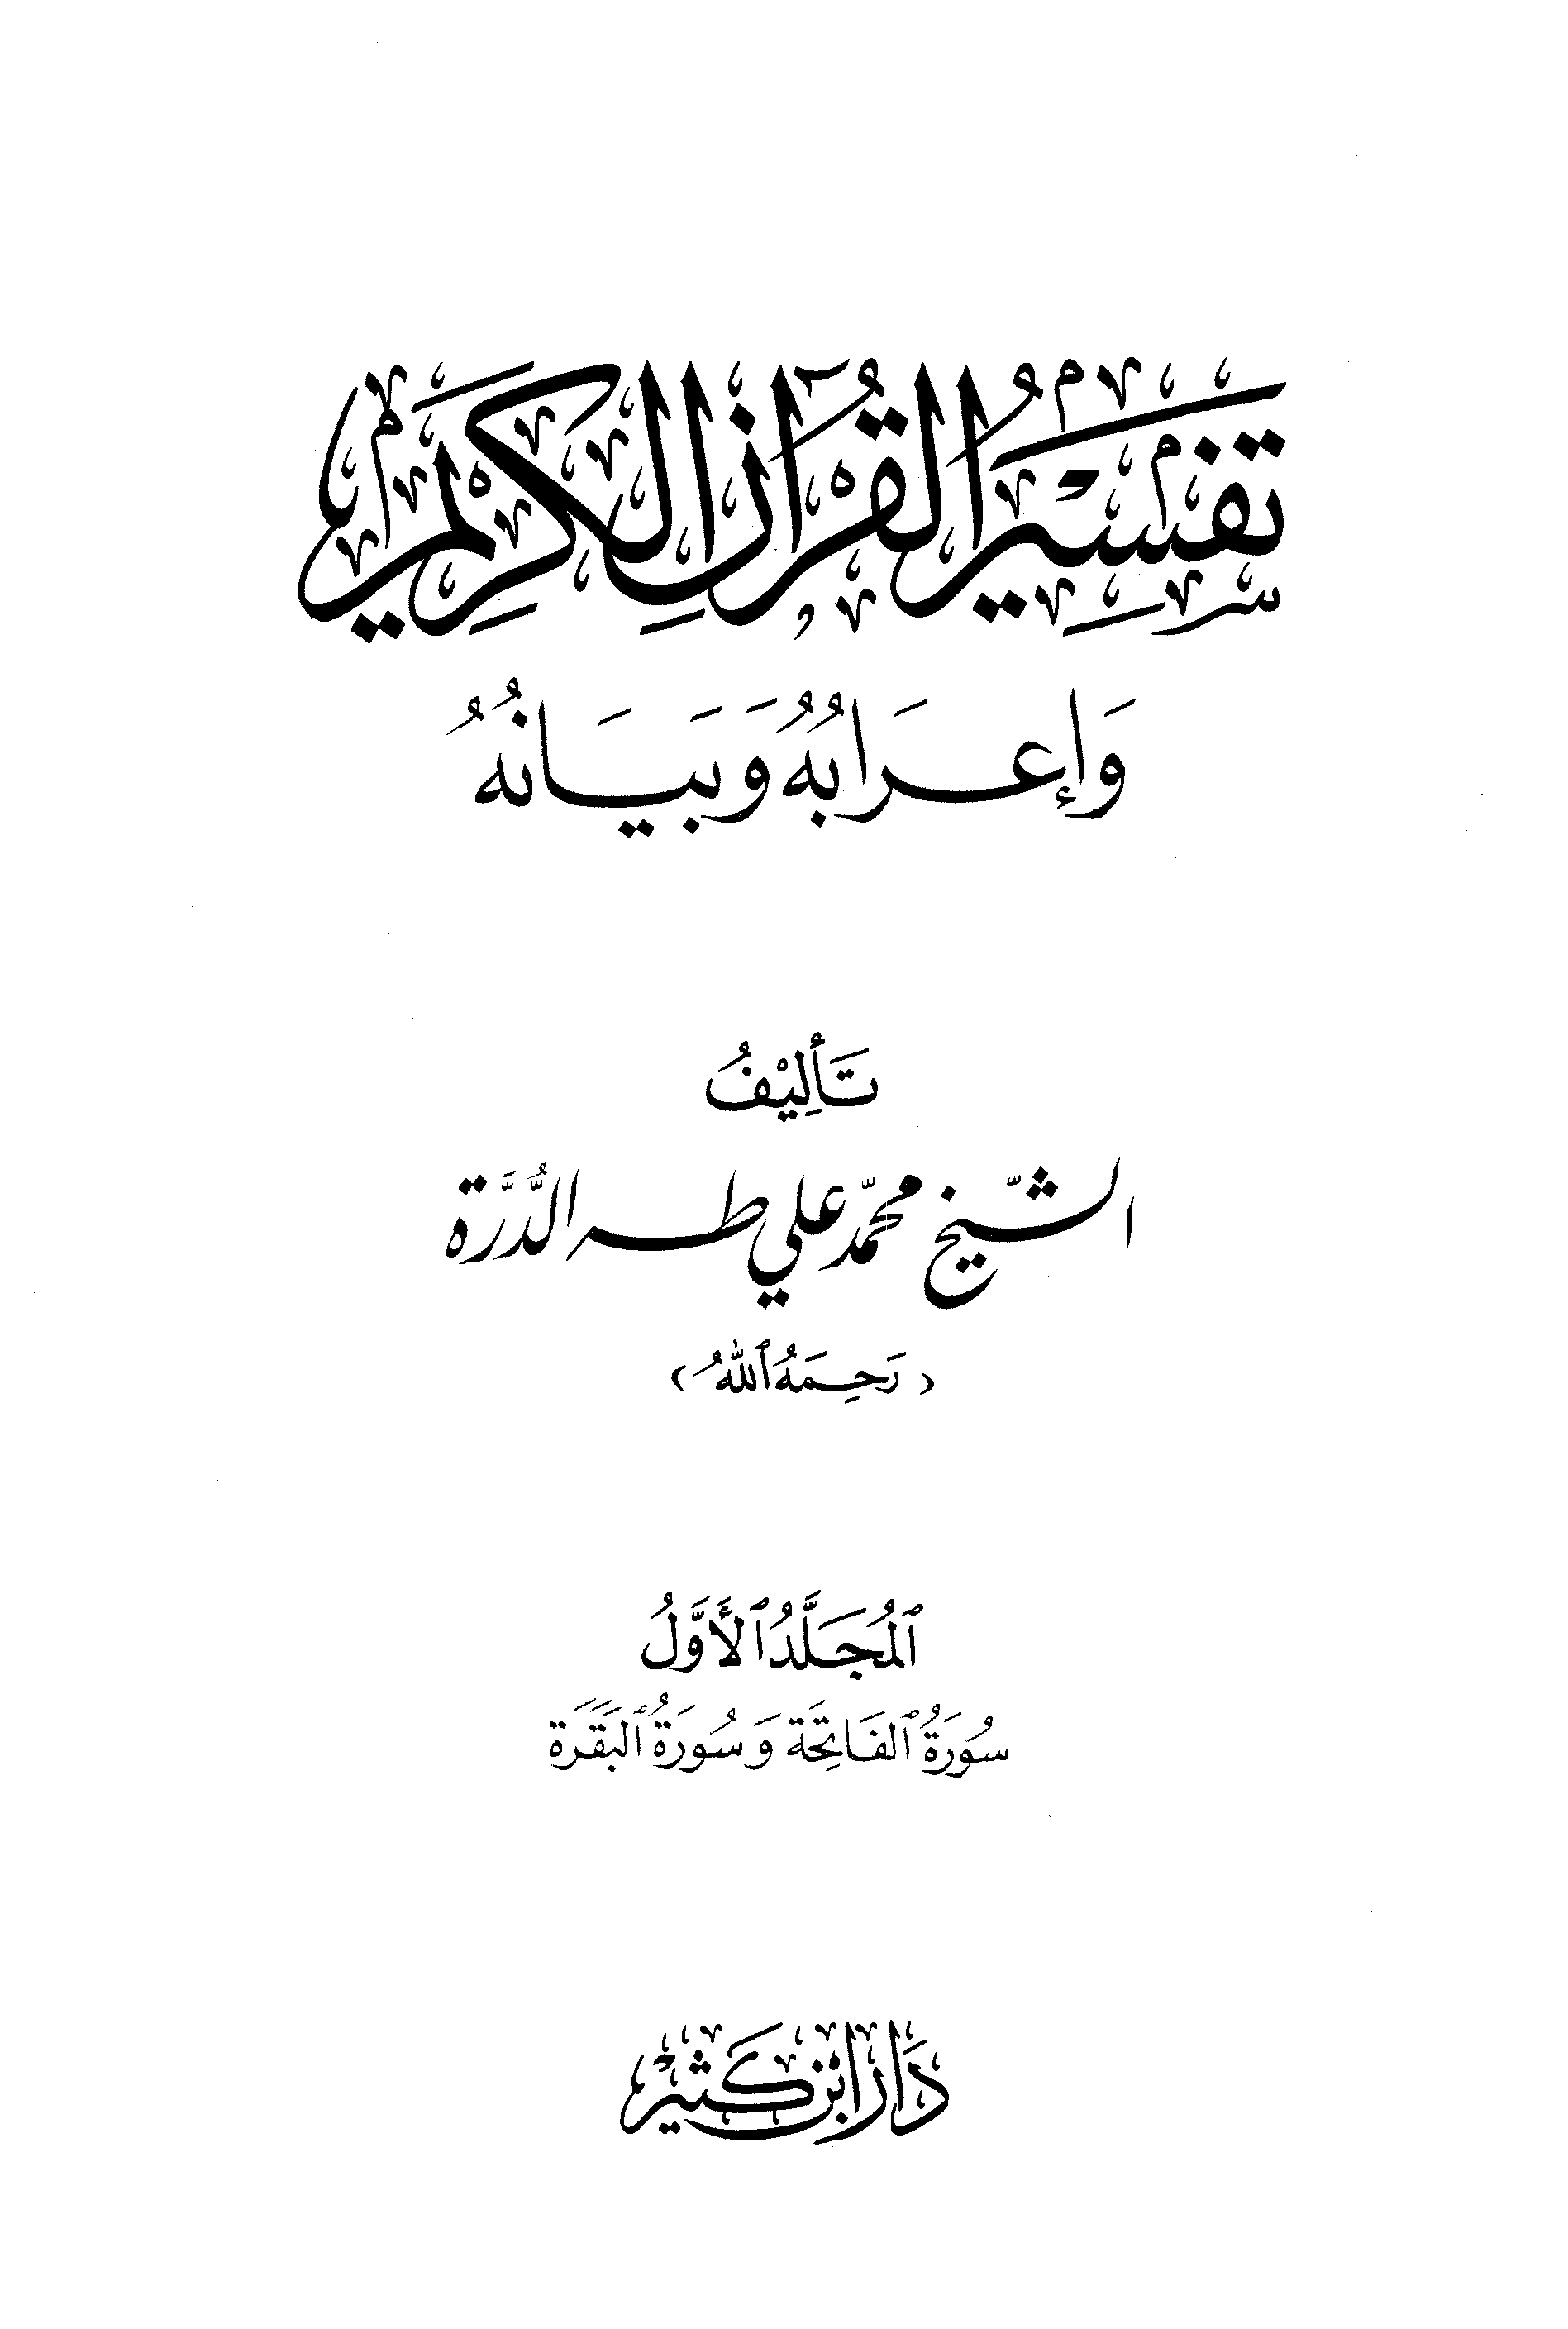 تحميل كتاب تفسير القرآن الكريم وإعرابه وبيانه لـِ: الشيخ محمد علي طه الدرة (ت 1428)